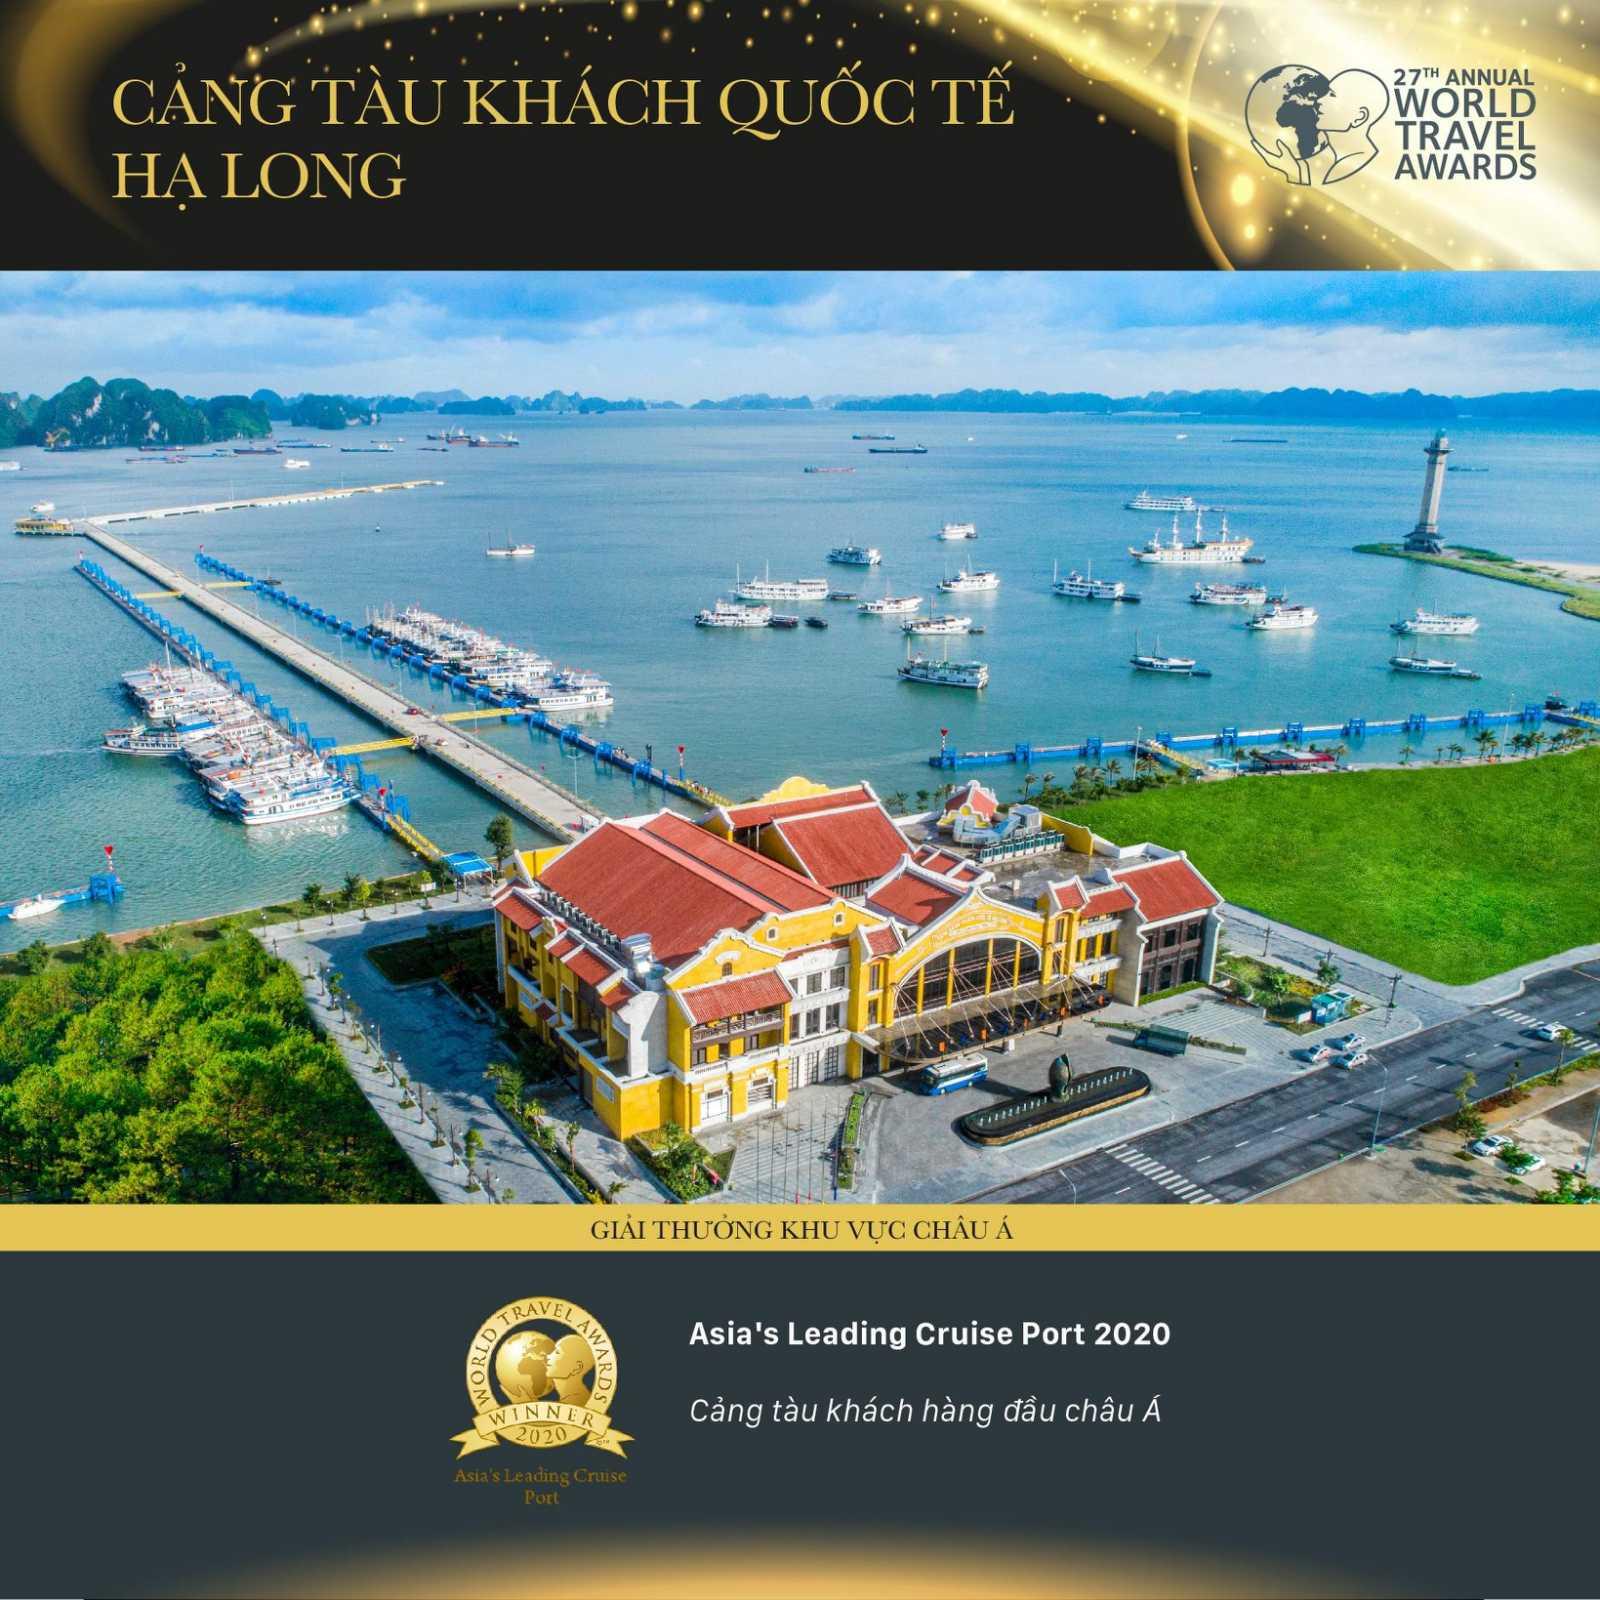 Cảng tàu khách hàng đầu Châu Á 2020 gọi tên cảng tàu khách quốc tế Hạ Long